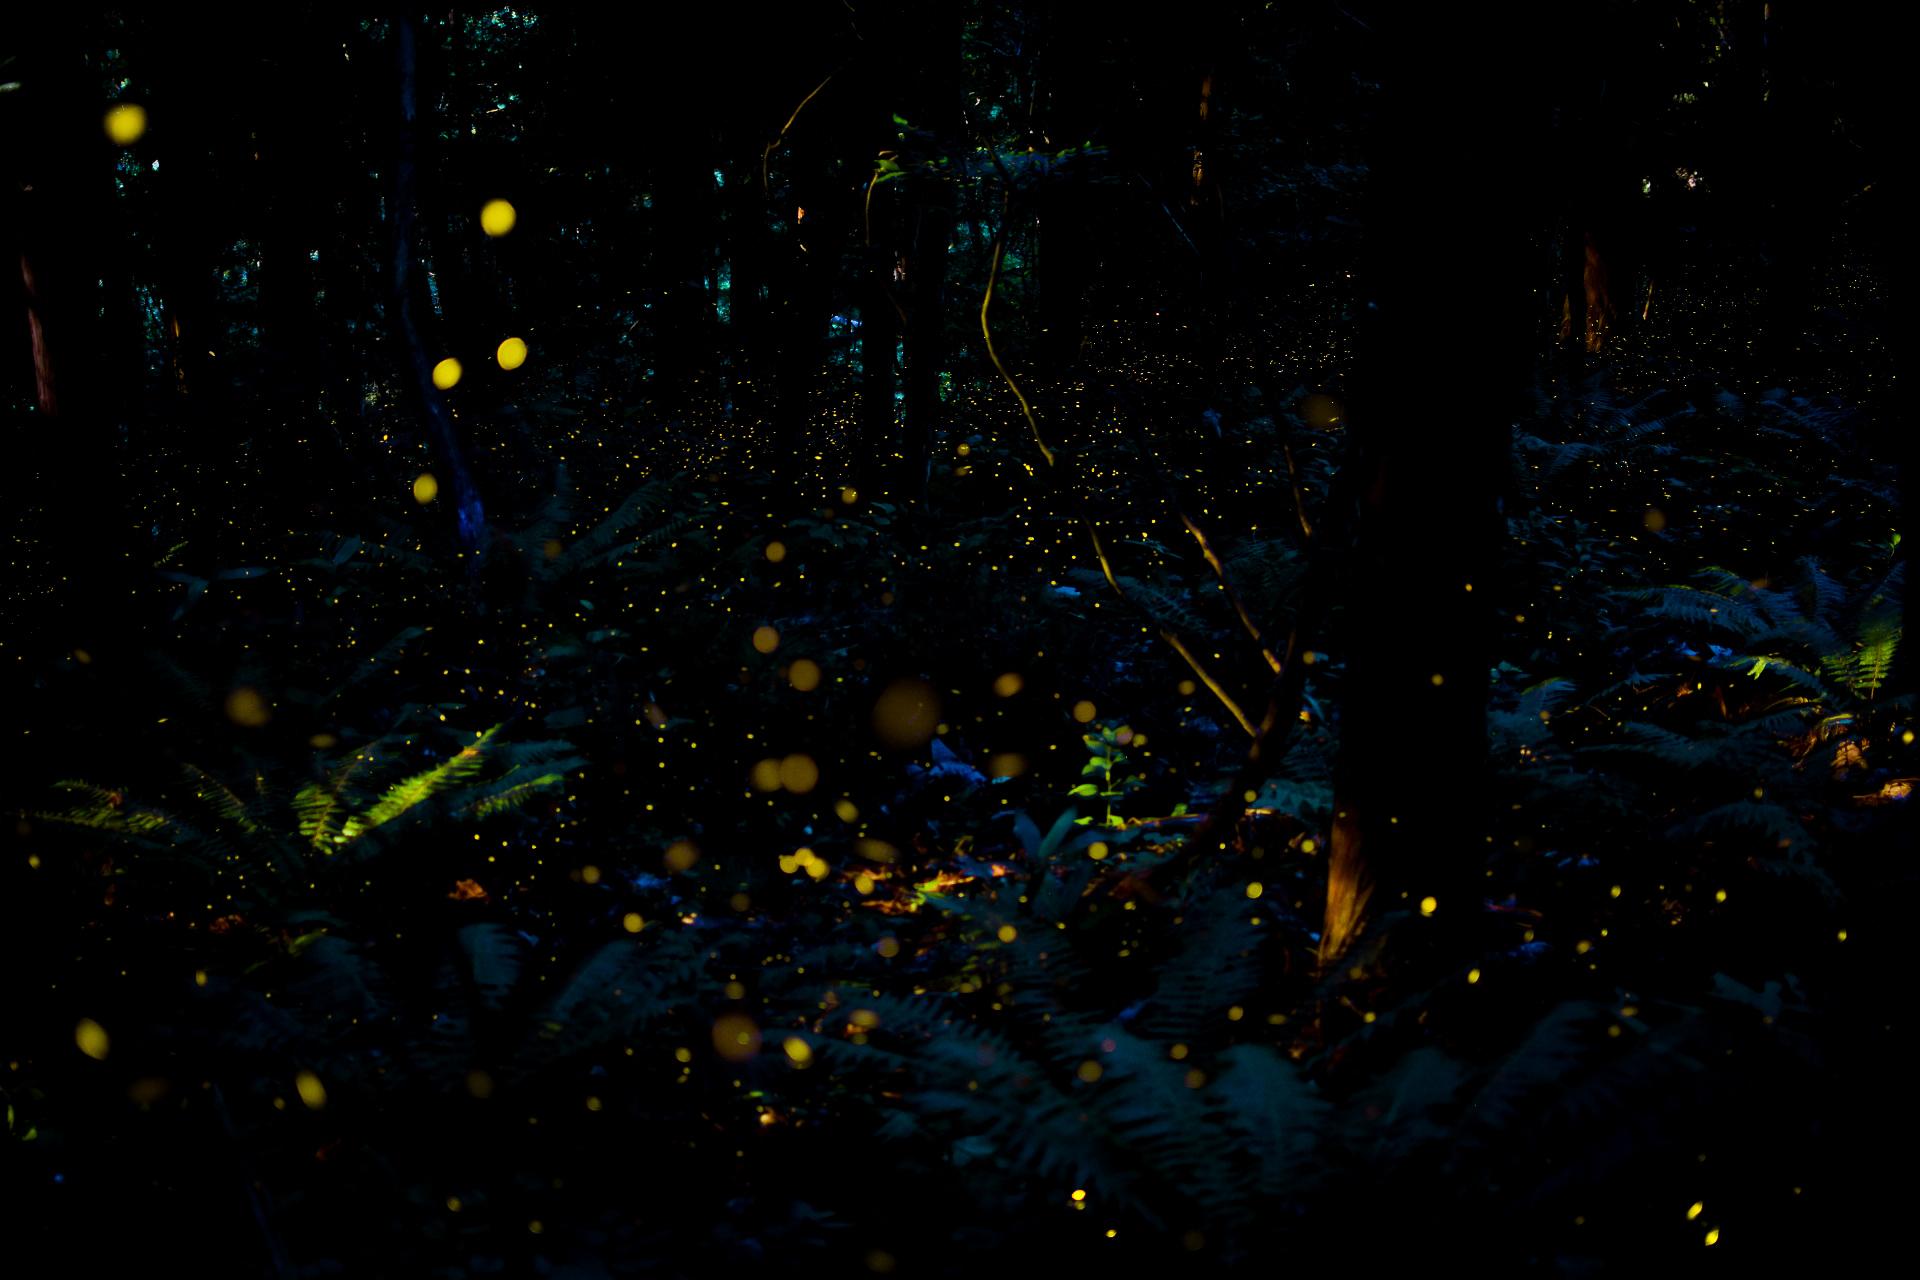 ヤエヤマヒメボタルが光を放つ奇跡の瞬間